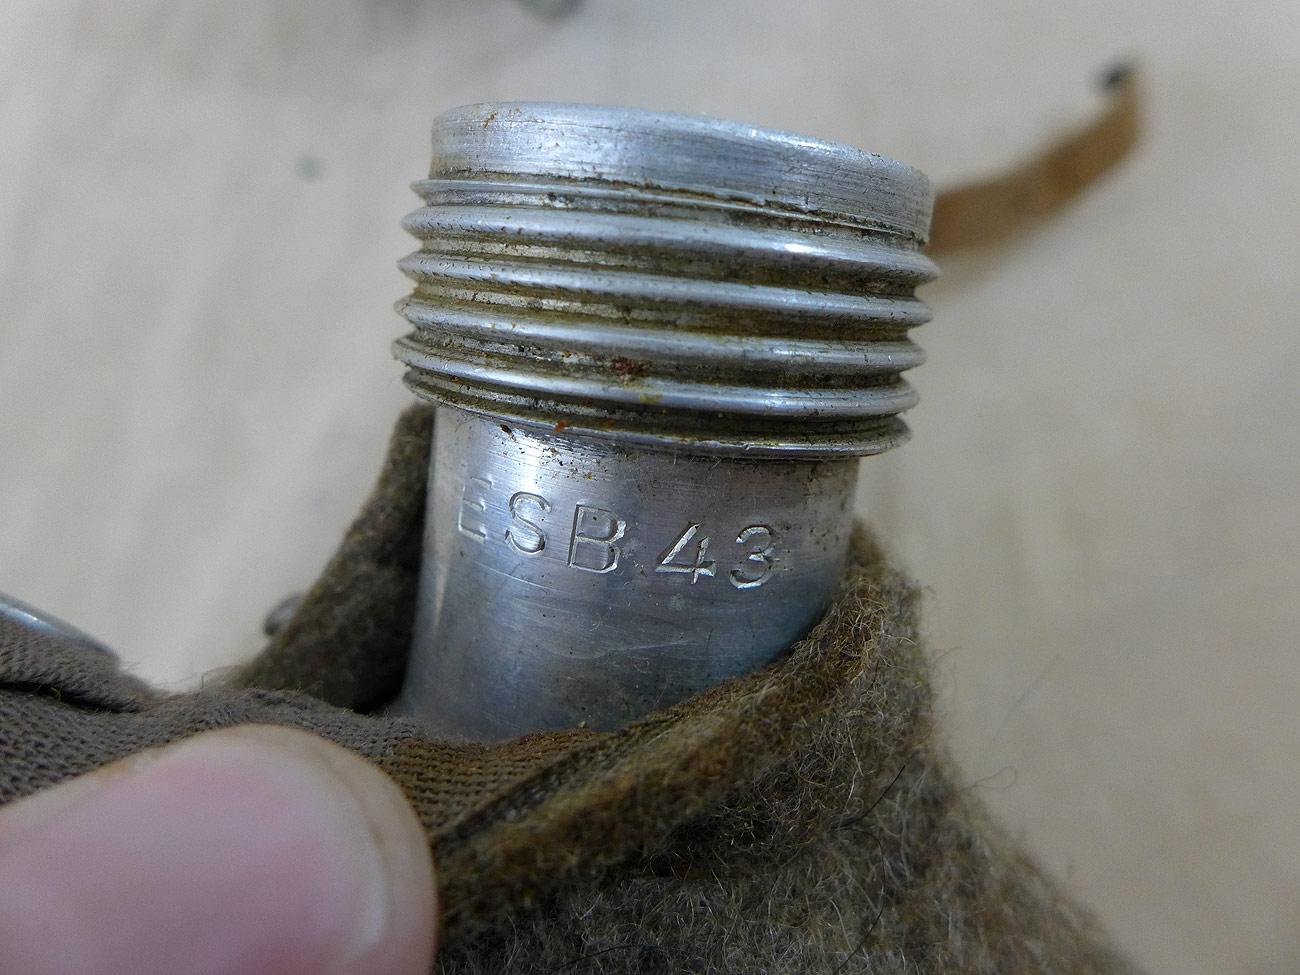 wehrmacht feldflasche esb 43 mit aema becher 1942 emailliert ebay. Black Bedroom Furniture Sets. Home Design Ideas